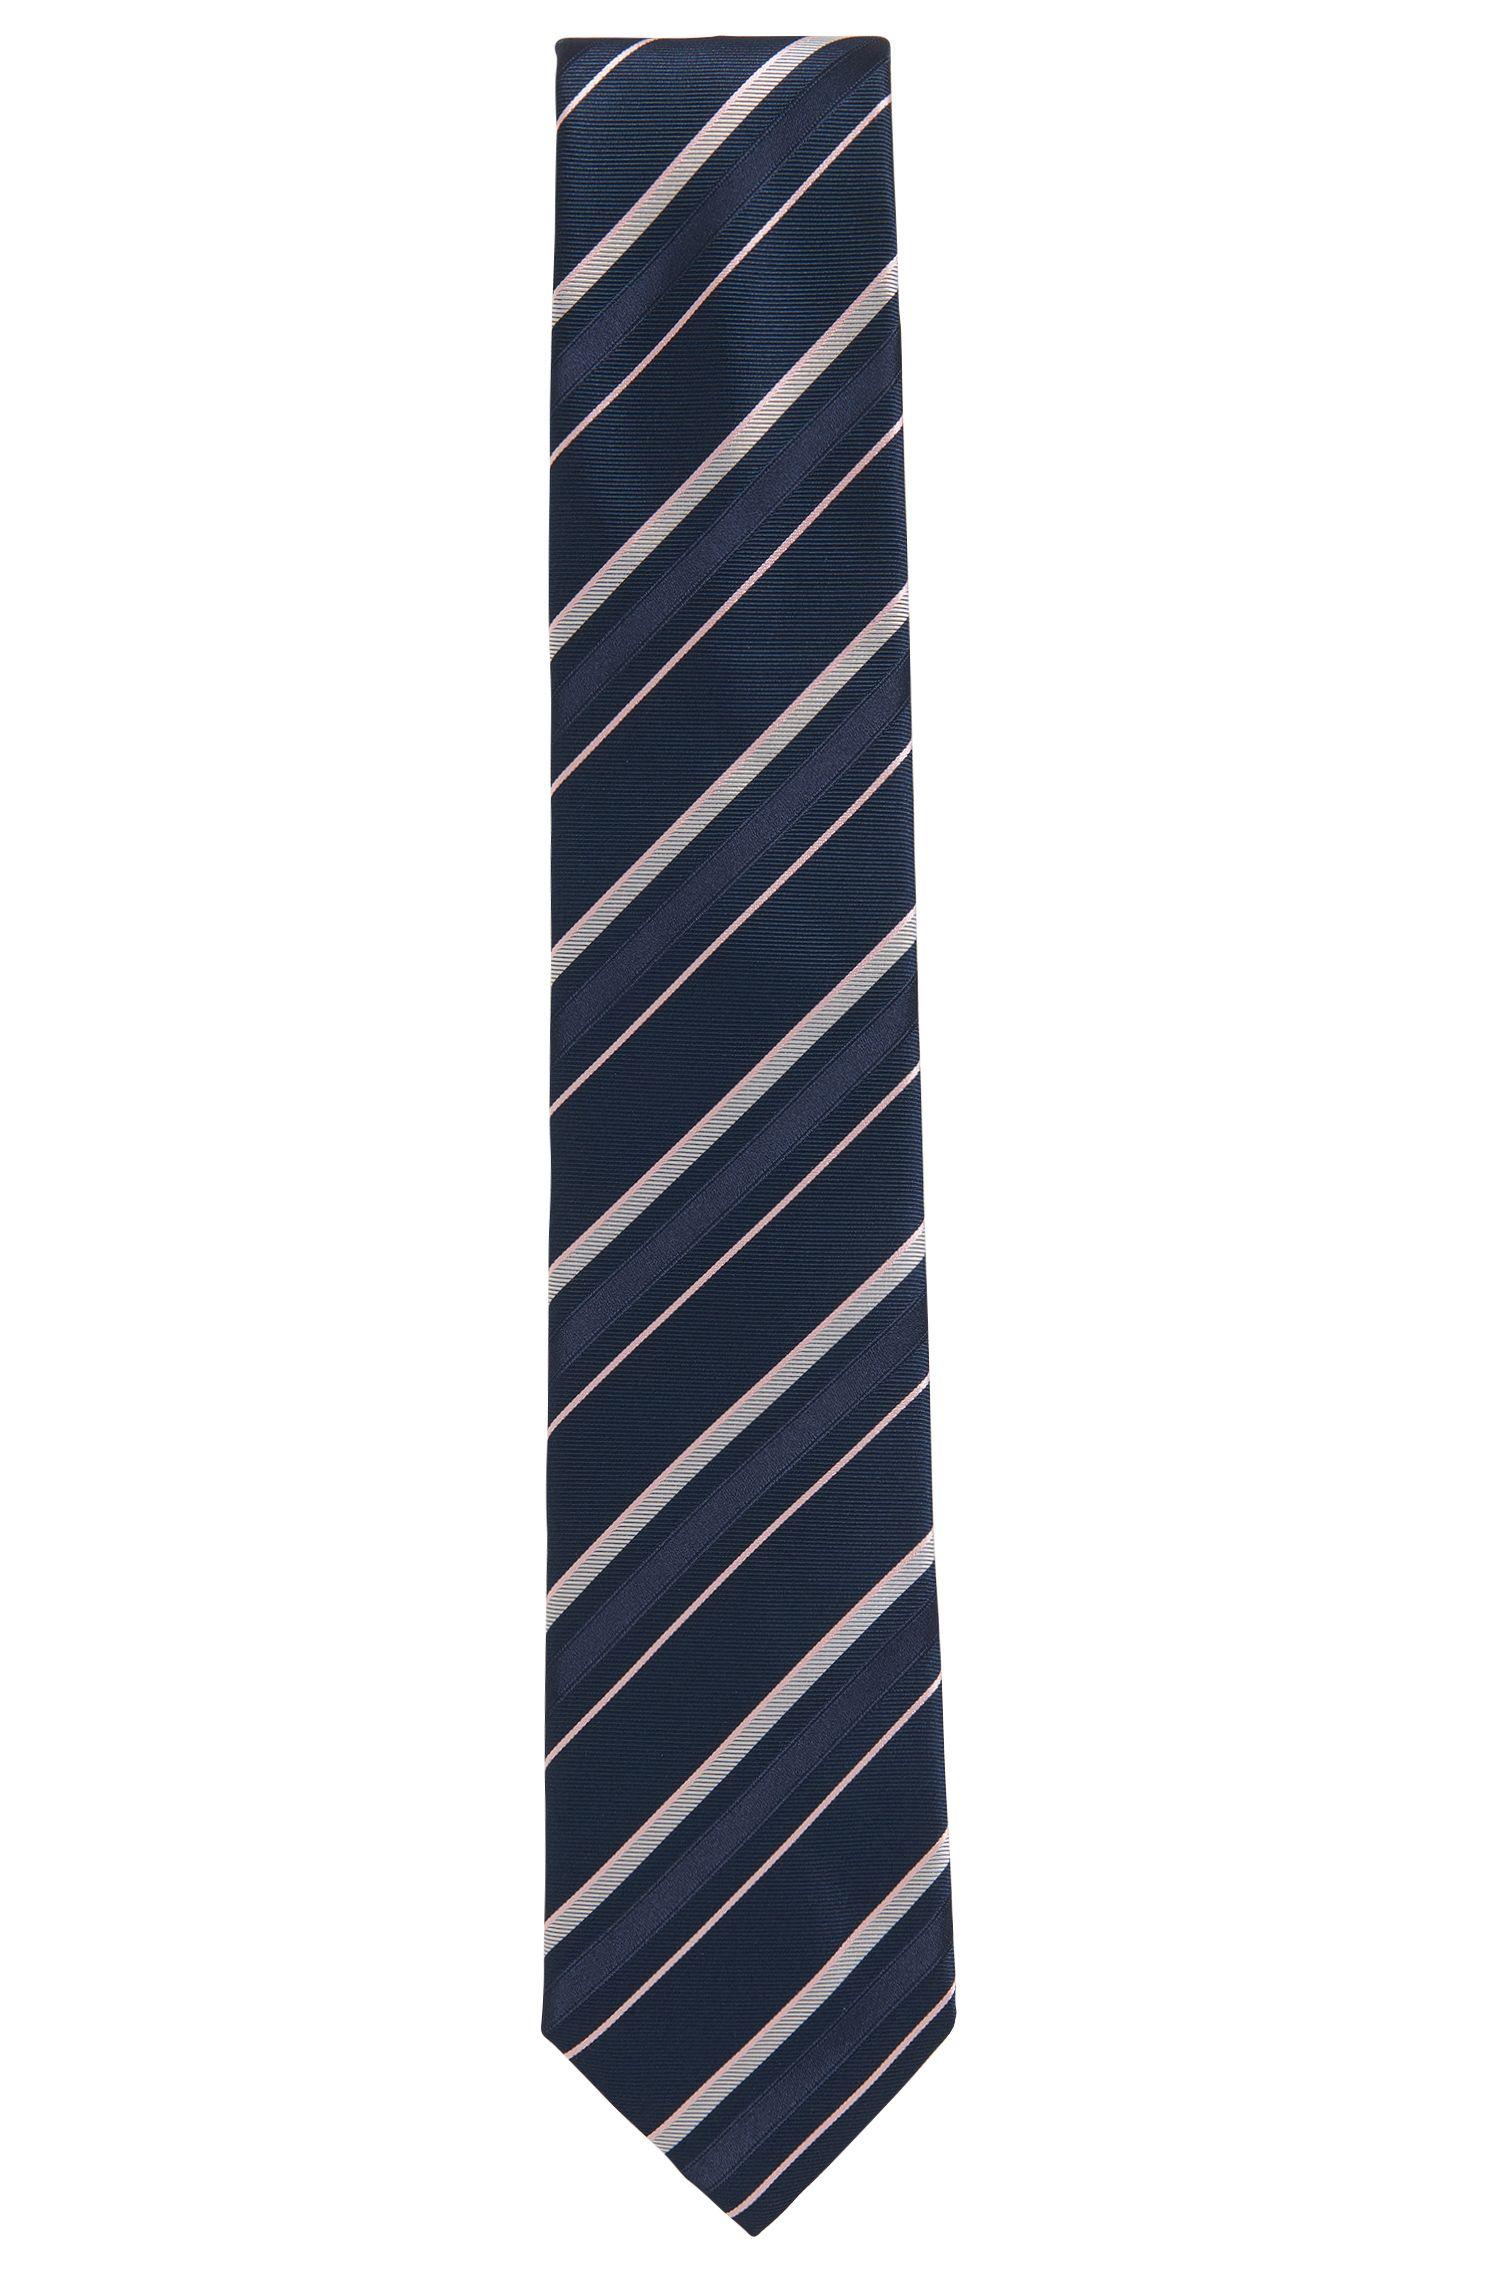 Cravatta a righe asimmetriche in jacquard di seta